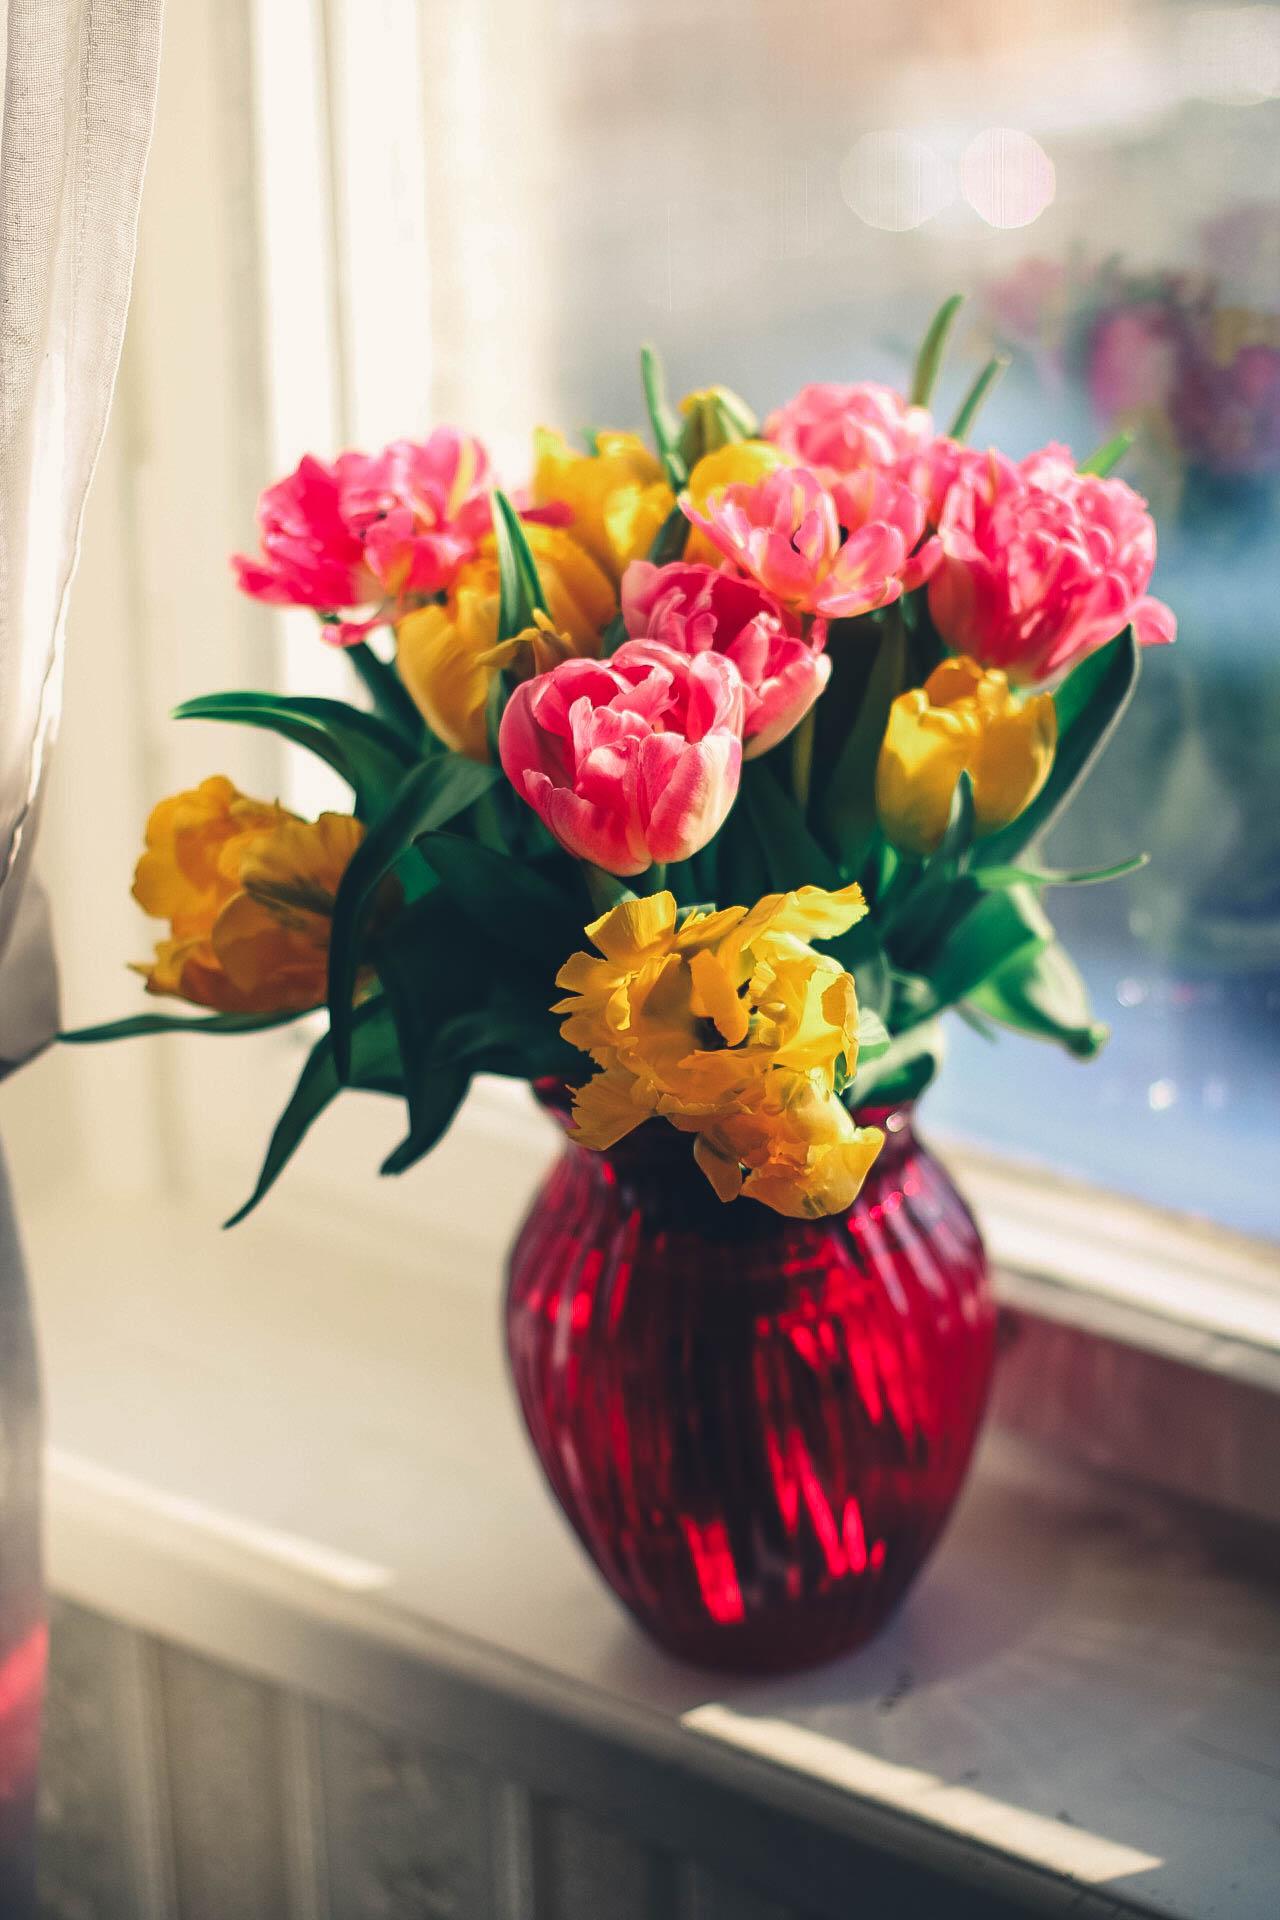 Vaso Fiori.Immagini Belle Fiore Petalo Fioritura Mazzo Vaso